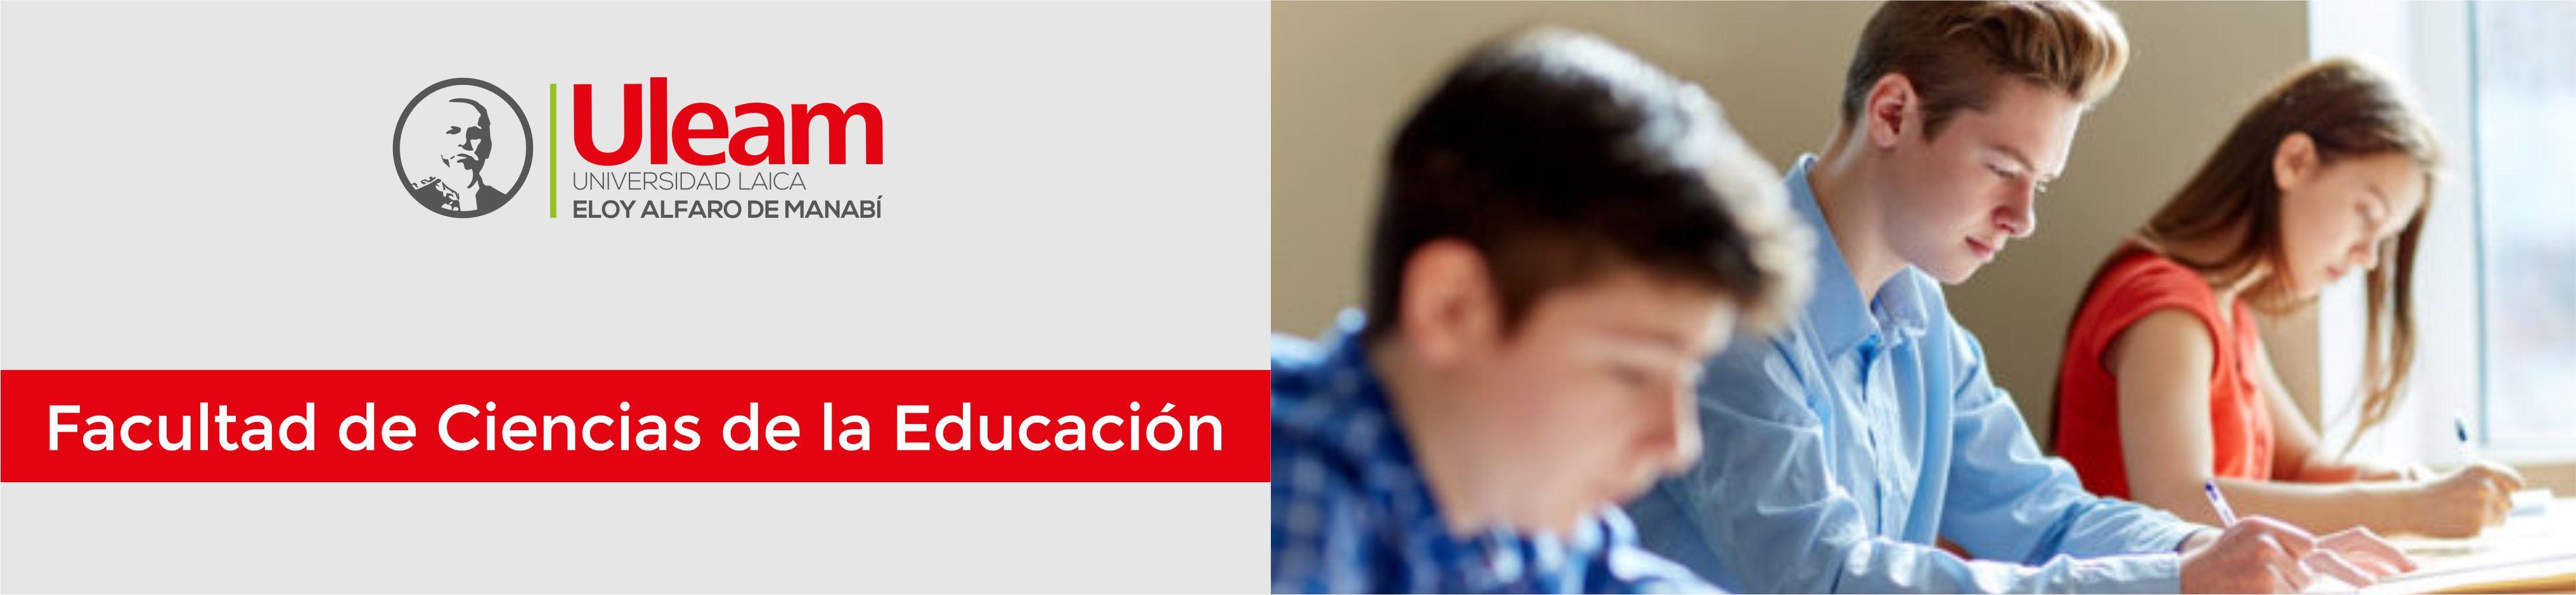 Facultad Ciencias de la Educación ULEAM